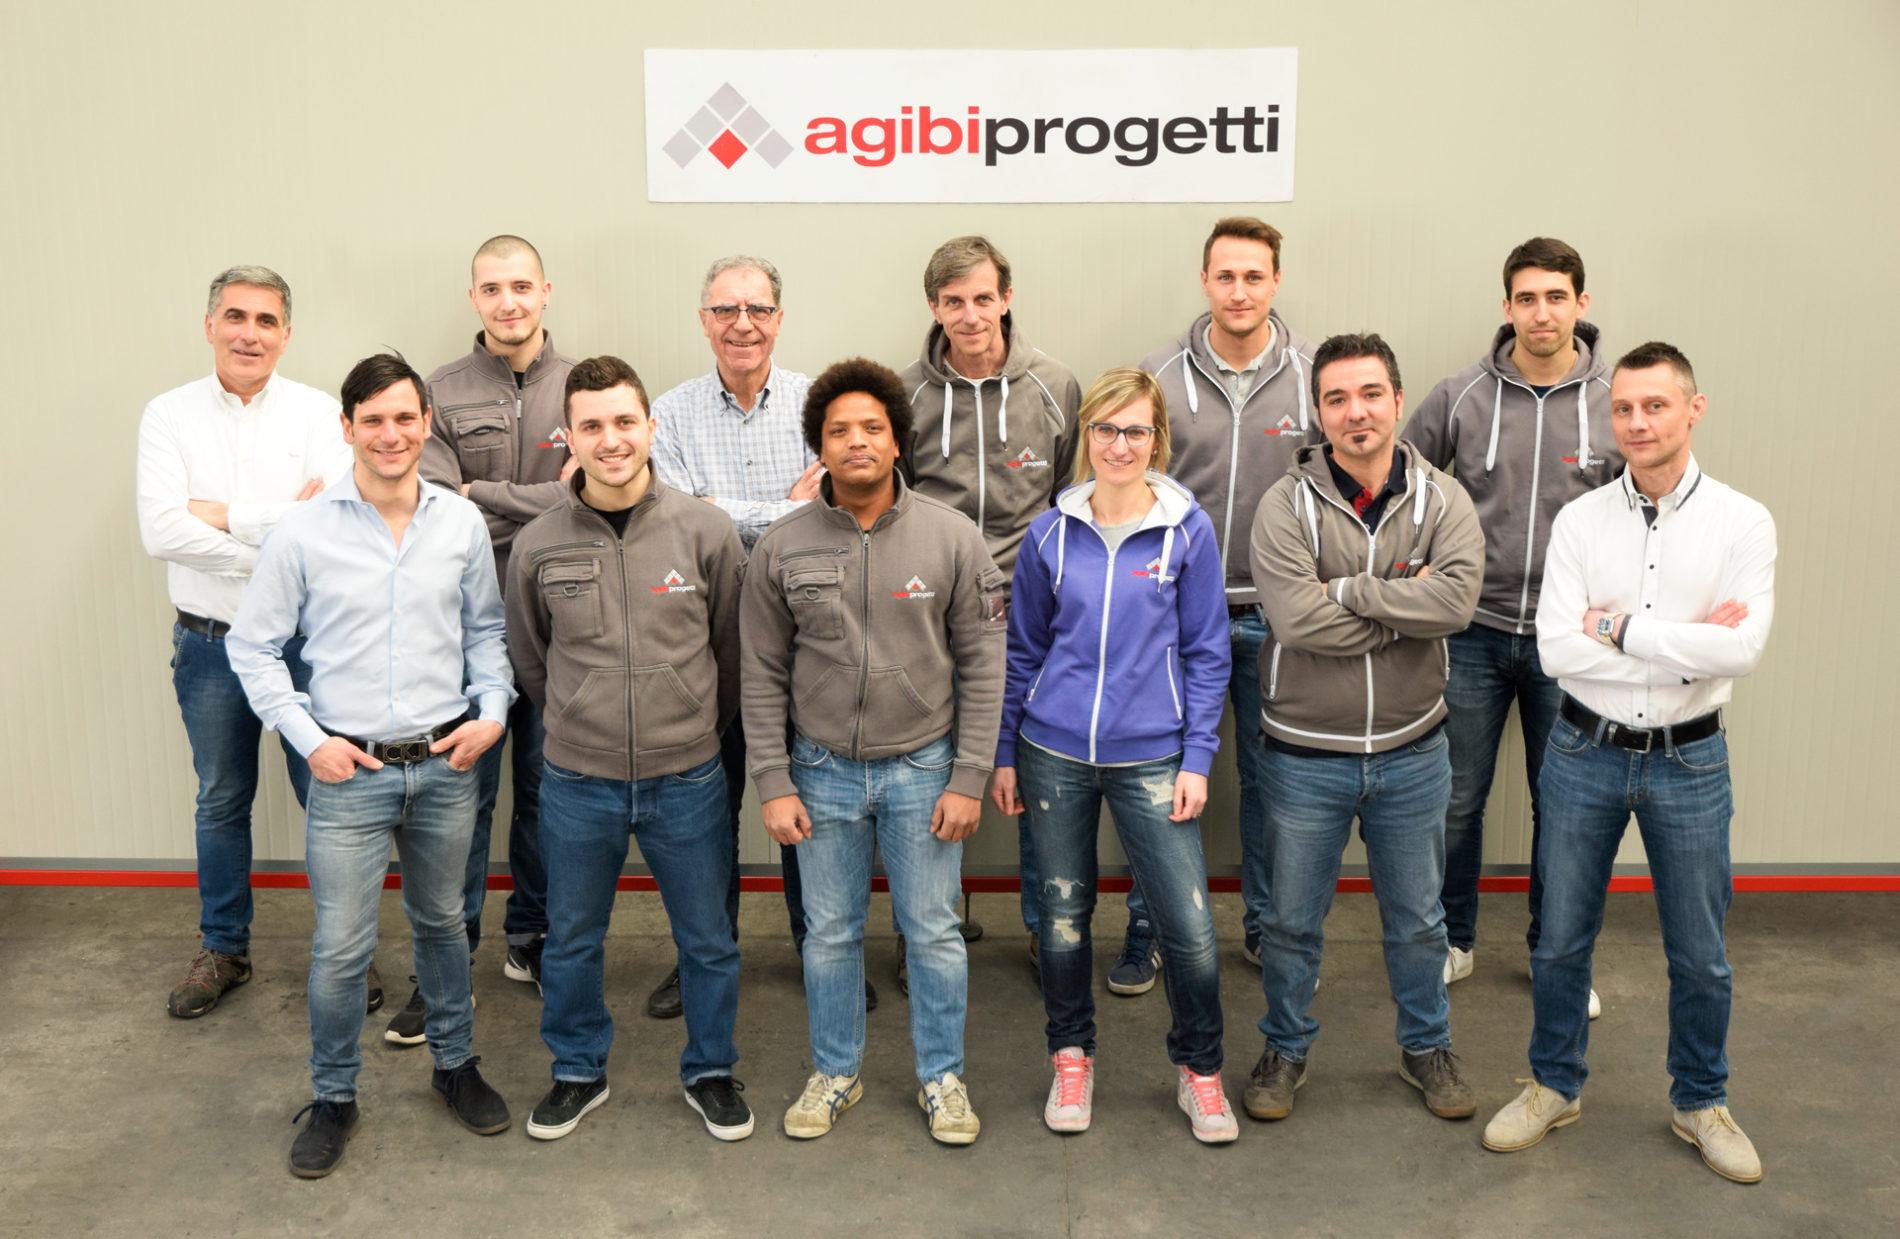 agibi progetti team